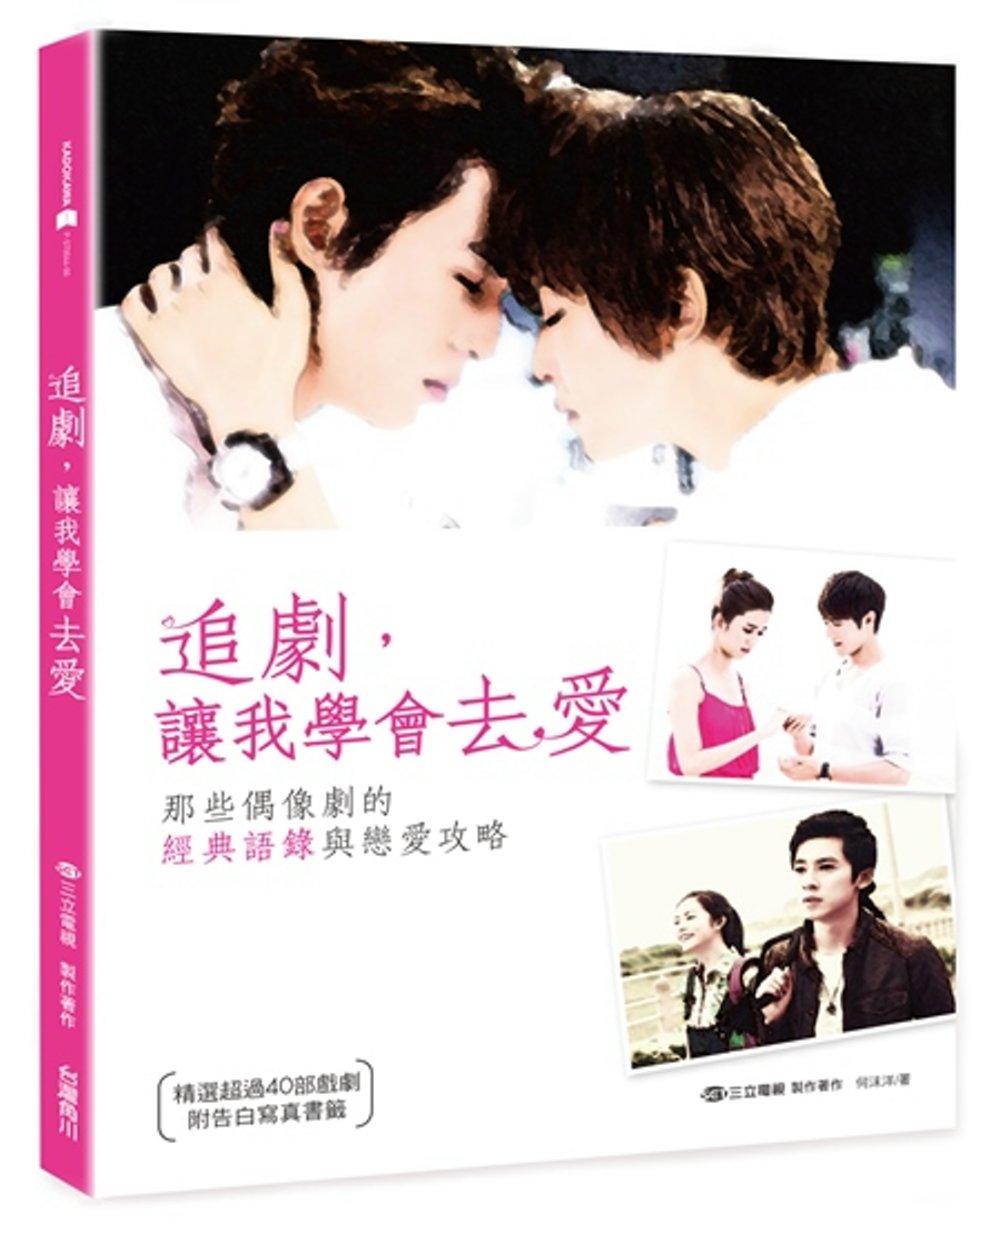 《追劇,讓我學會去愛:那些偶像劇的經典語錄 與戀愛攻略(附告白寫真書籤)》 商品條碼,ISBN:9789864739080